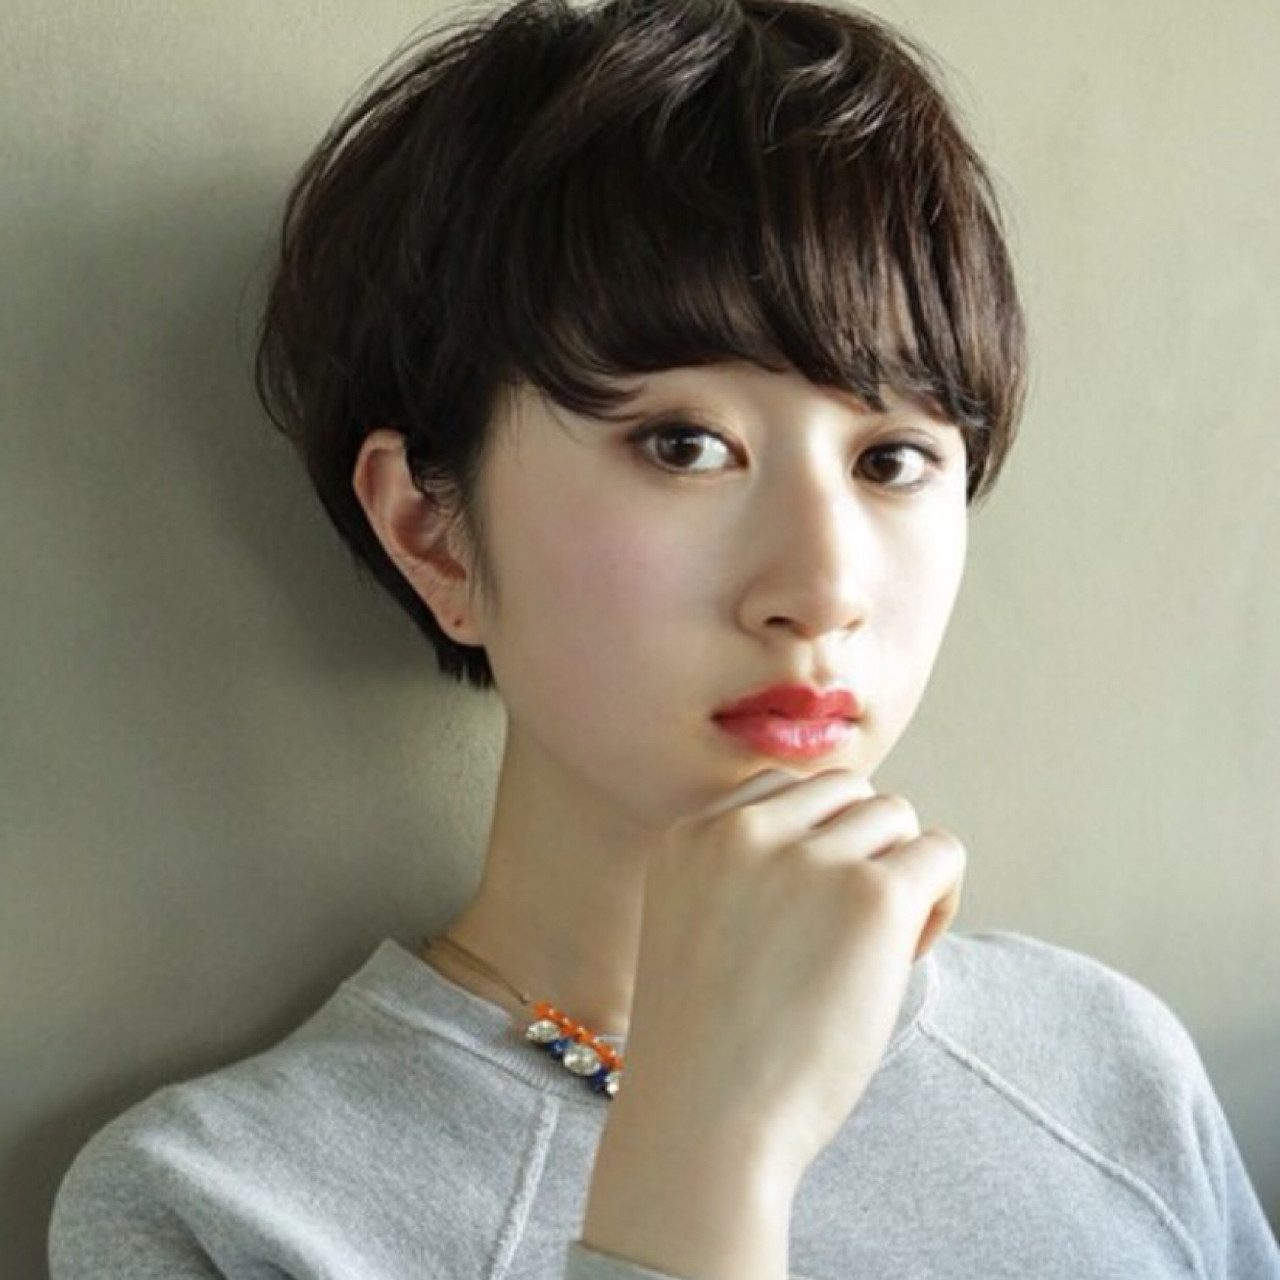 【スタイル特集】印象派美人になれる髪型=黒髪ショート×パーマスタイル? 高橋 忍